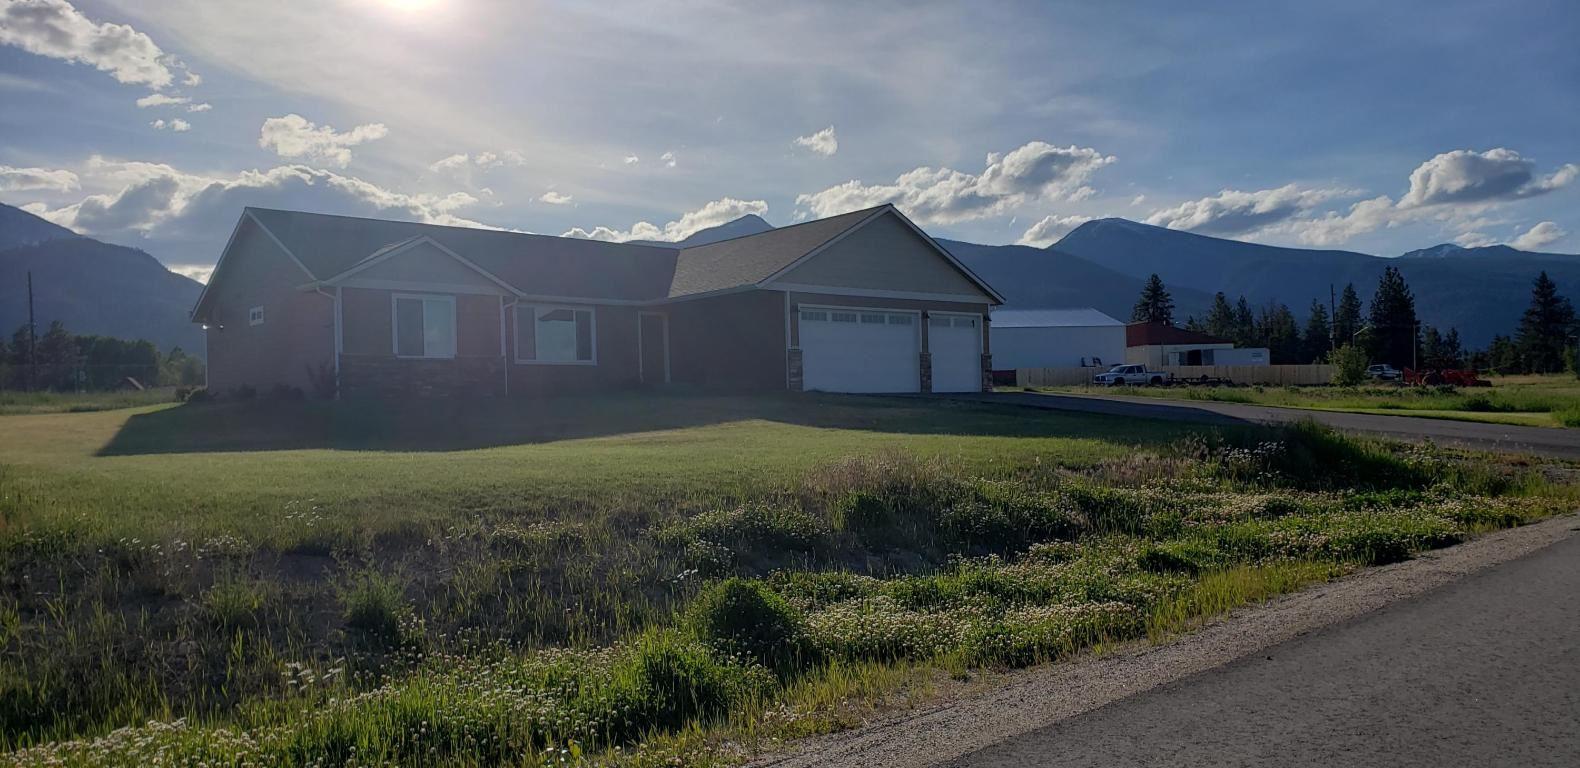 Photo of 3975 Peak View Drive, Stevensville, MT 59870 (MLS # 22008376)